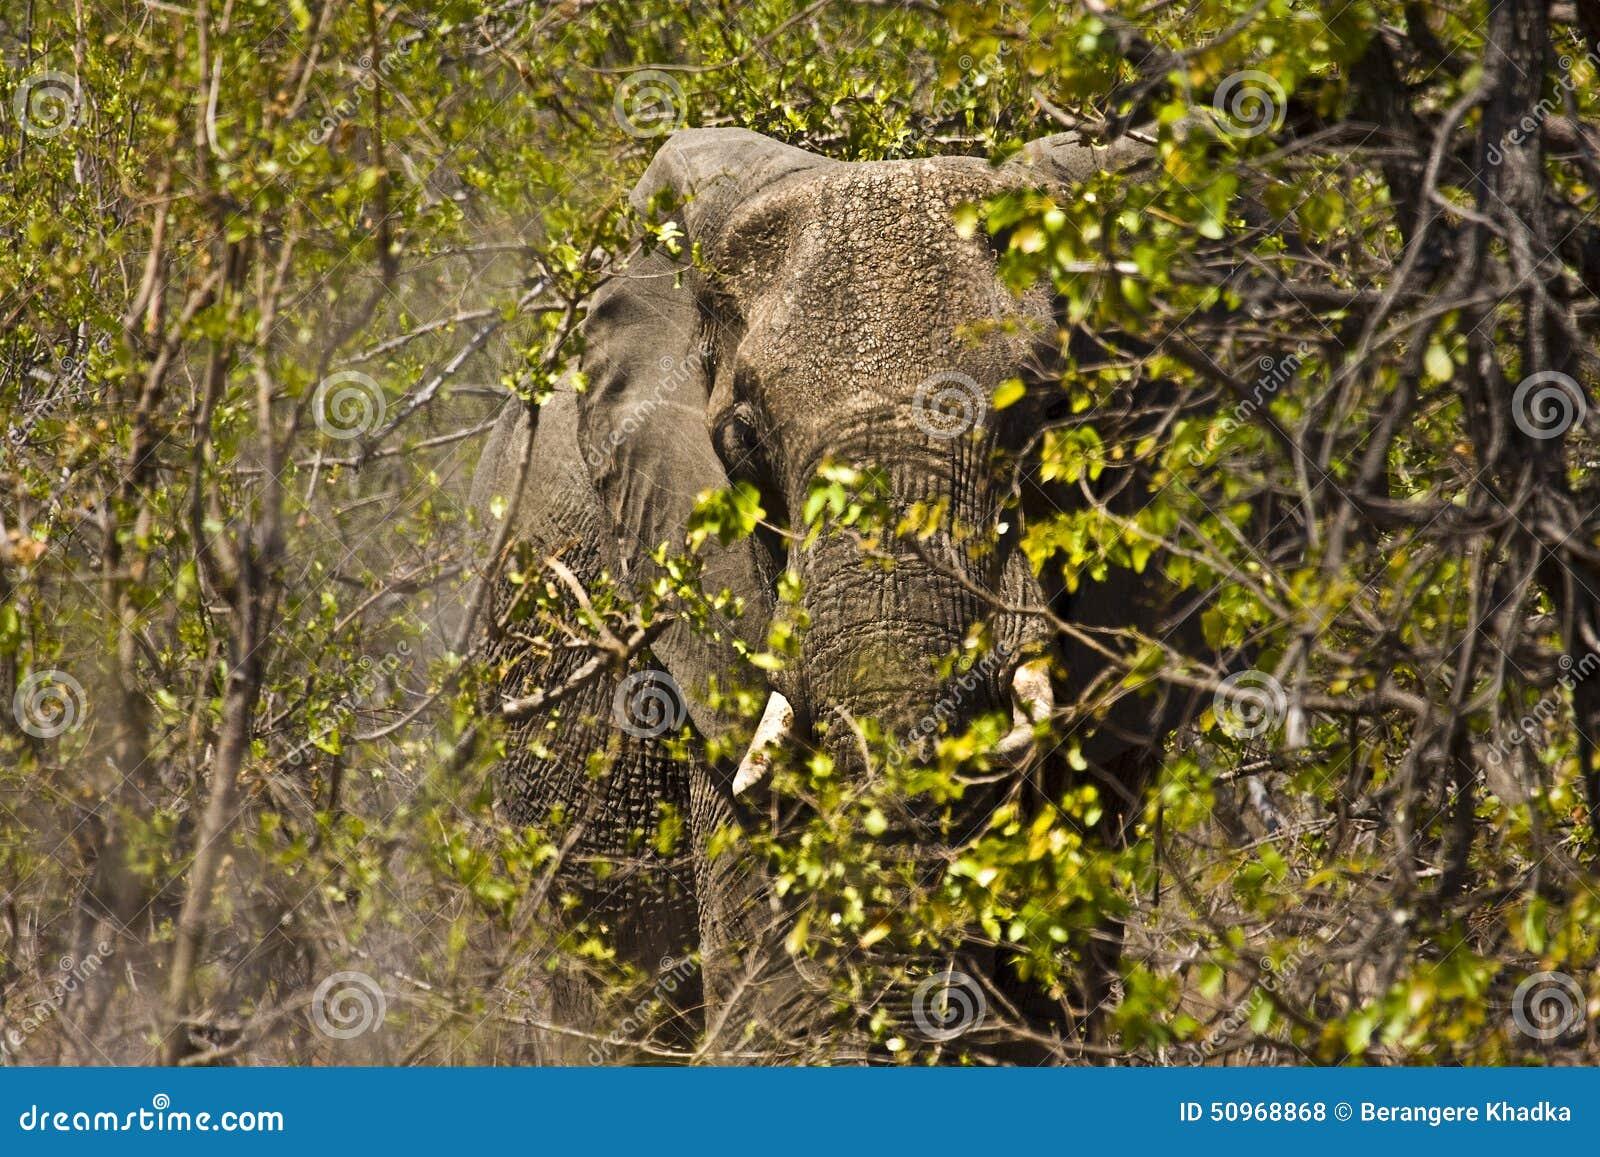 Elefante africano enorme en el arbusto, parque nacional de Kruger, Suráfrica